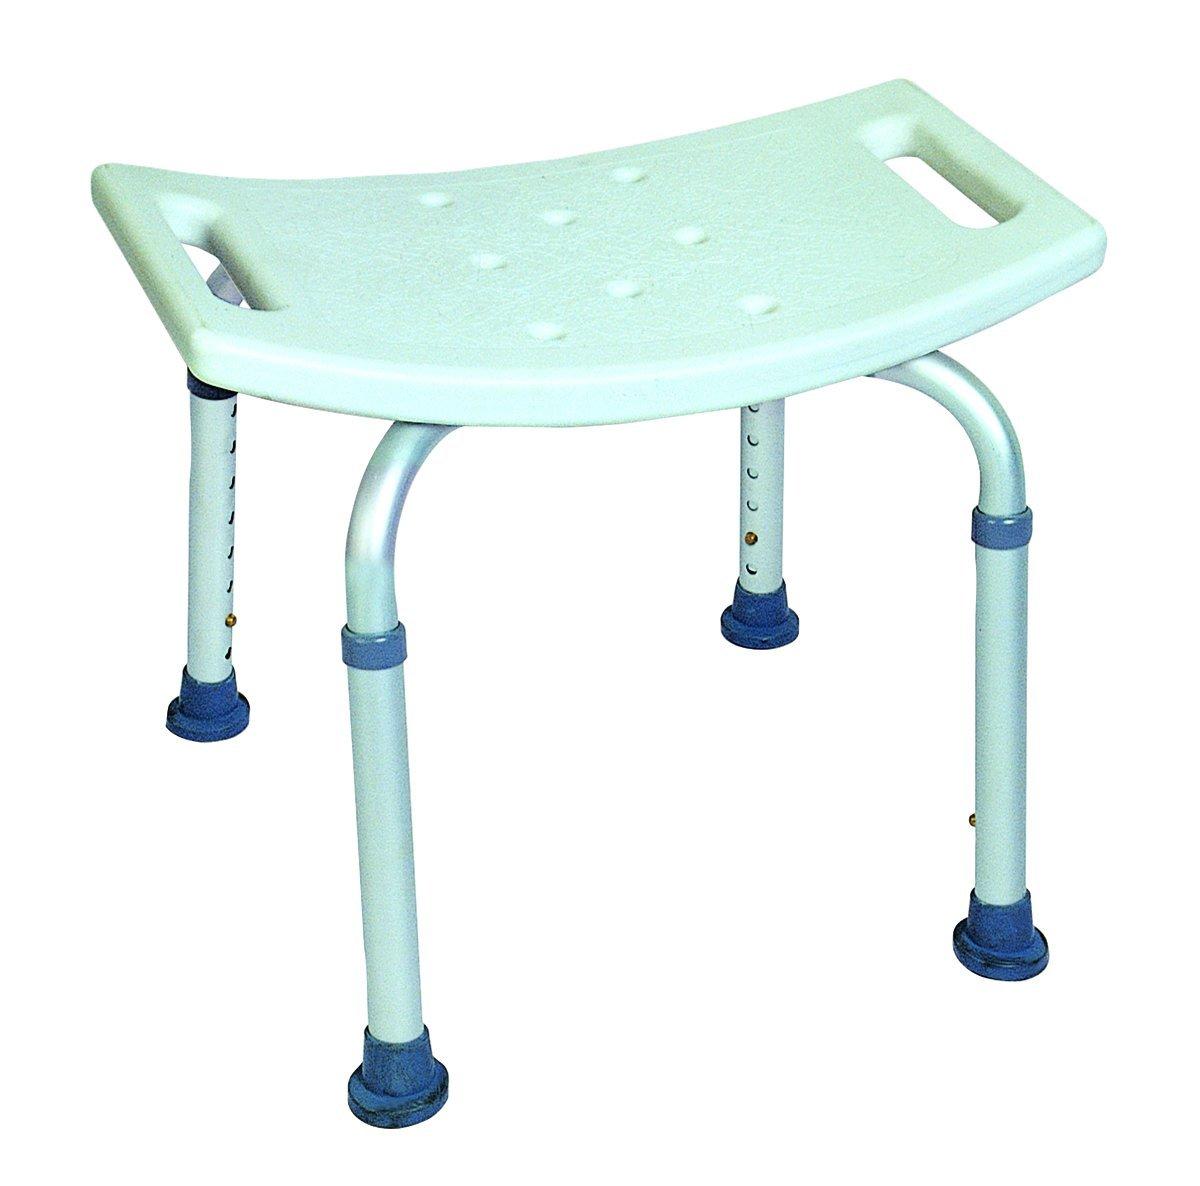 MU-5650 Badkamer stoel met rugleuning – Obbomed Hulpmiddelen Senioren